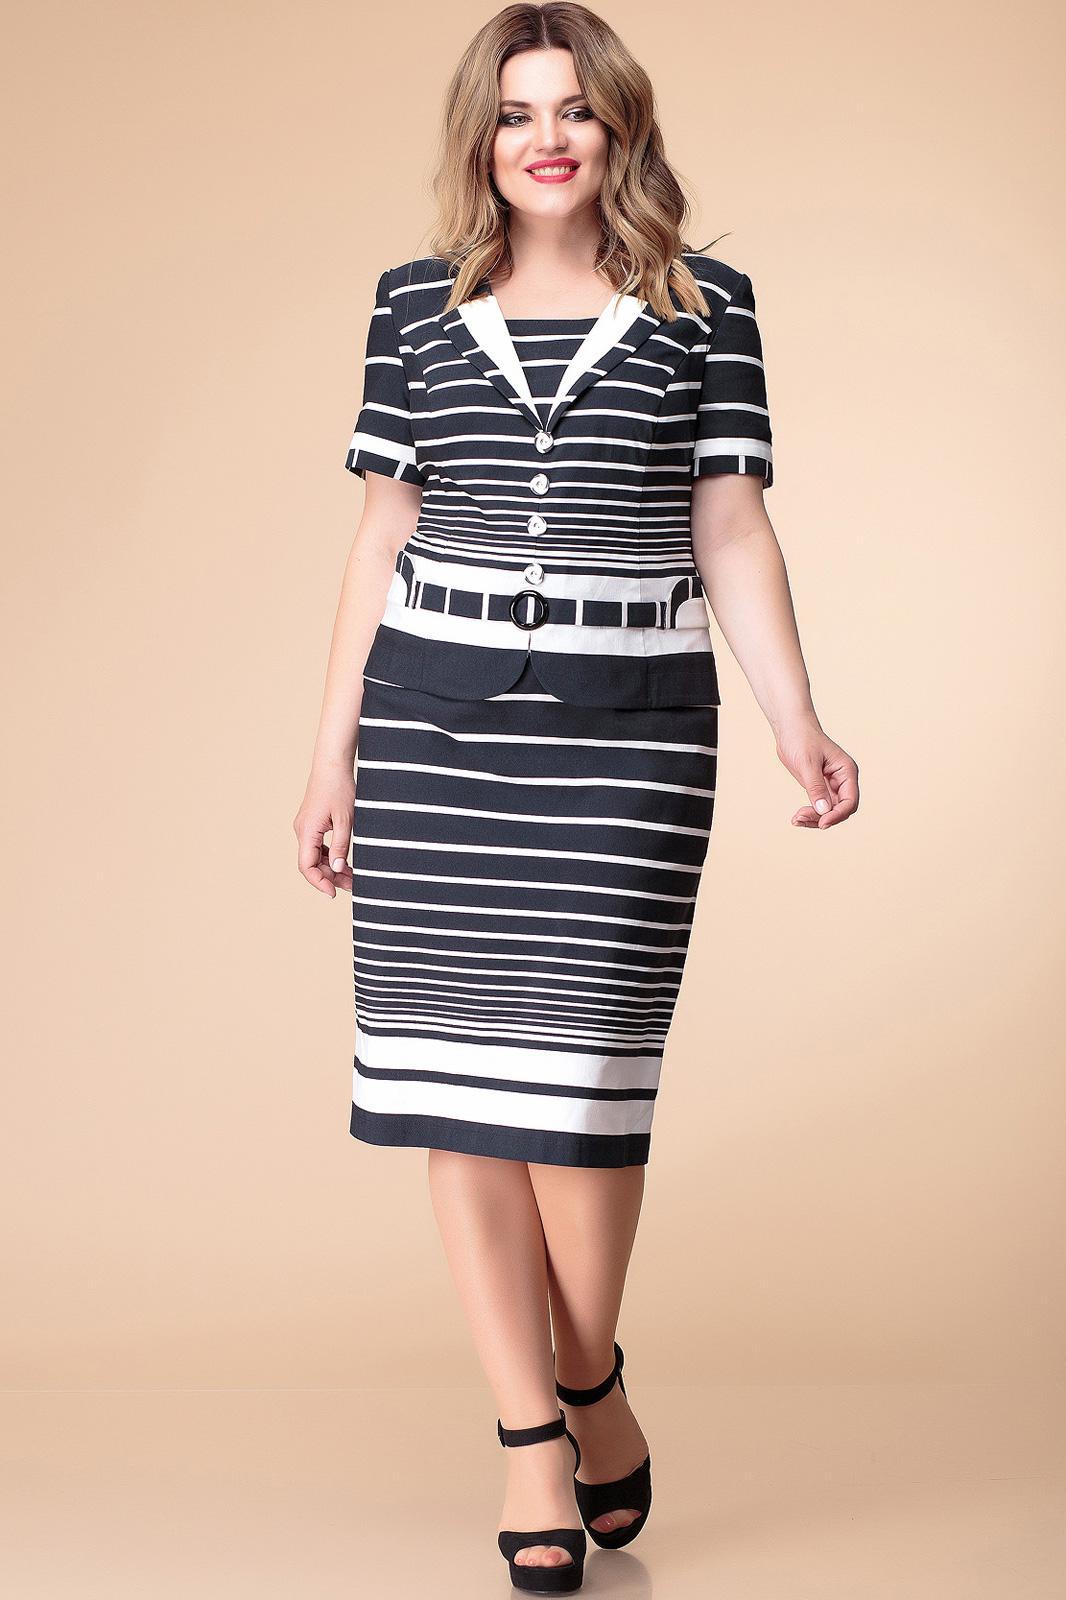 eb1e329621d Купить одежду больших размеров в интернет-магазине в Минске ...